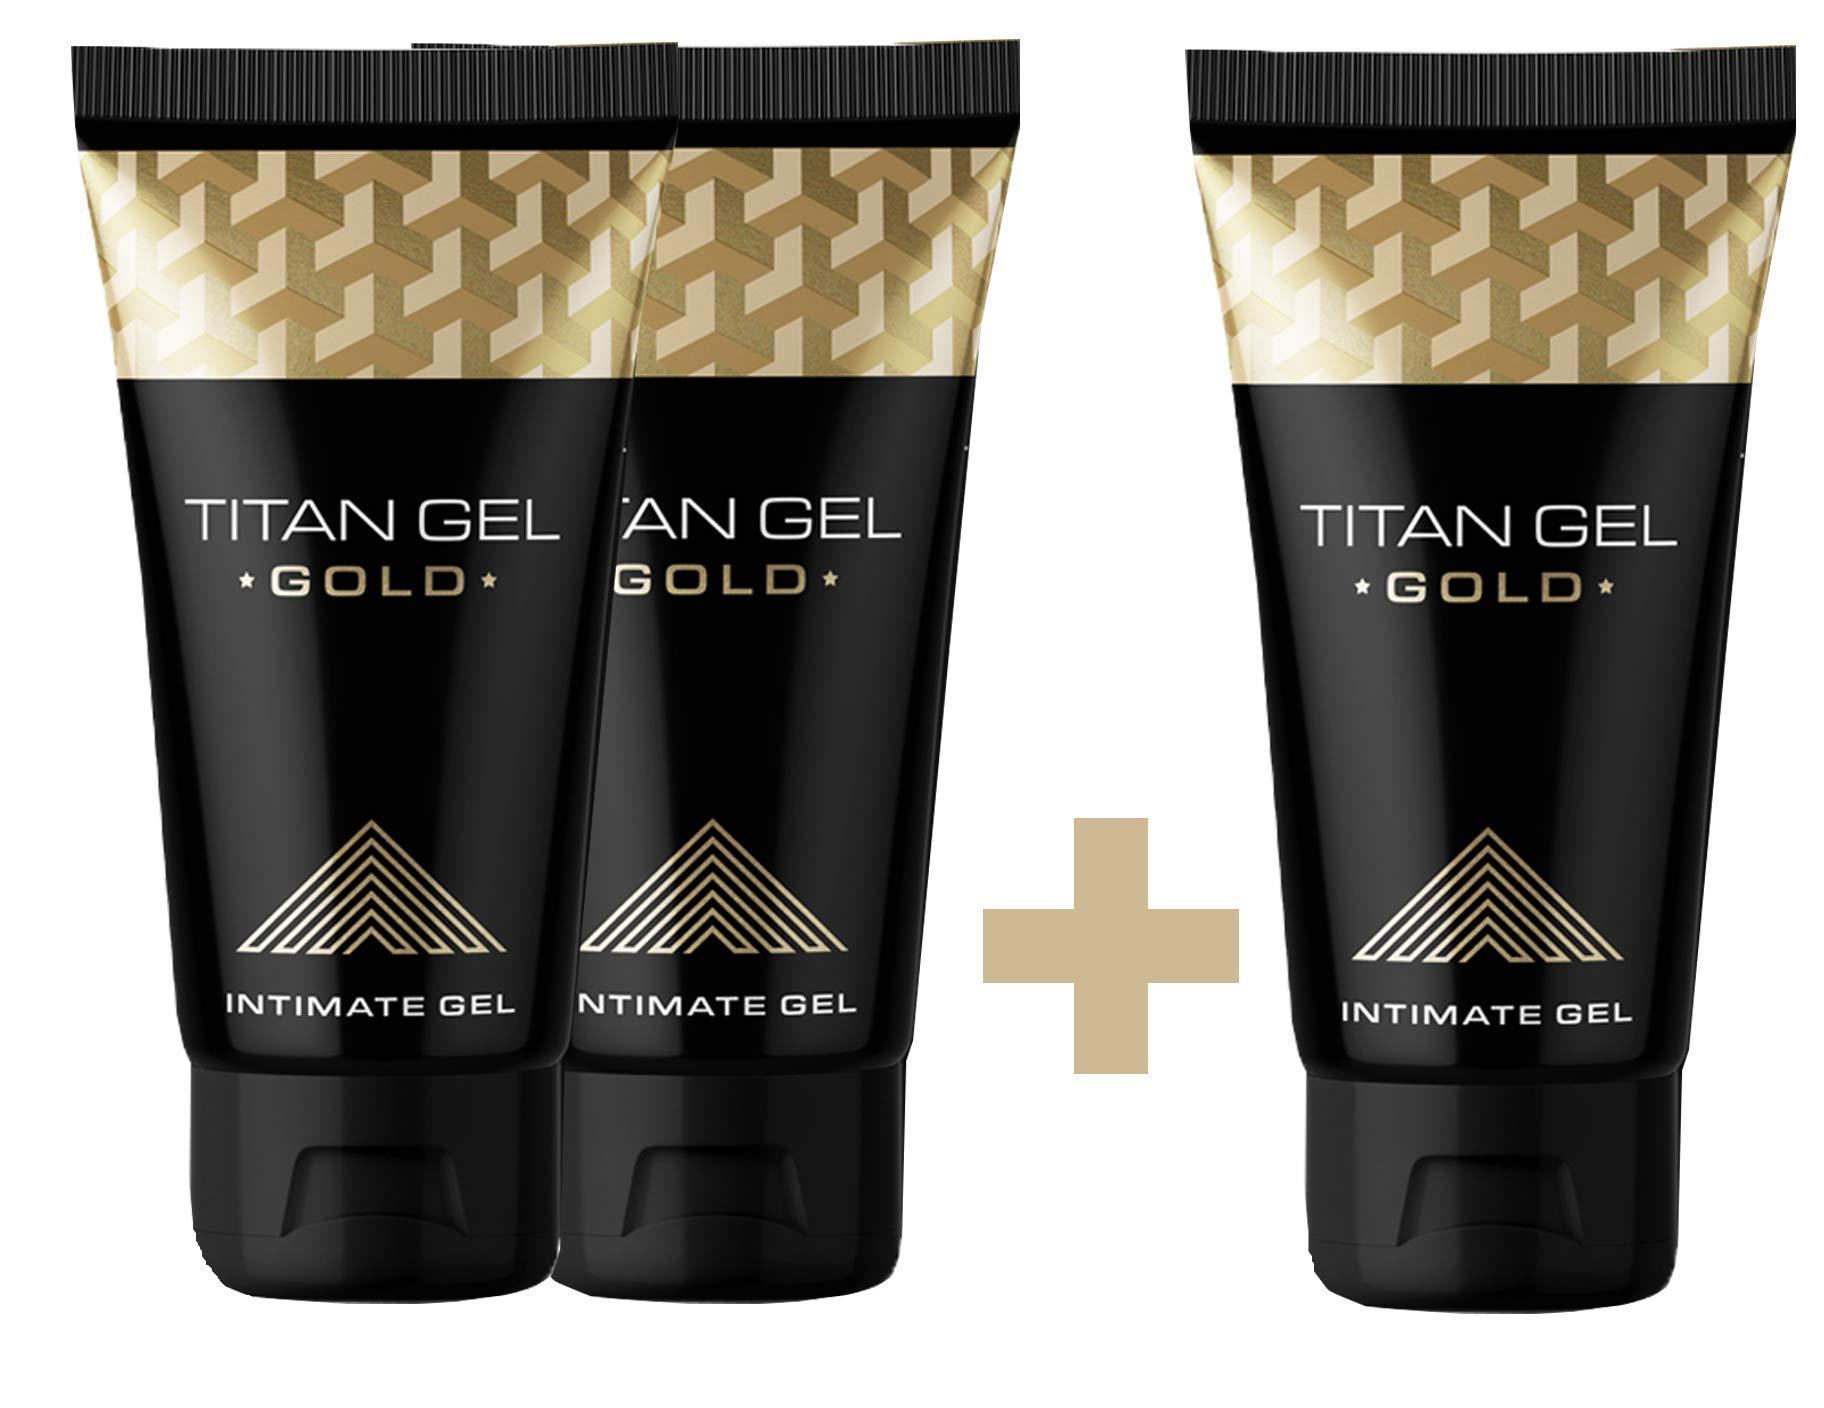 titan gel gold uae price